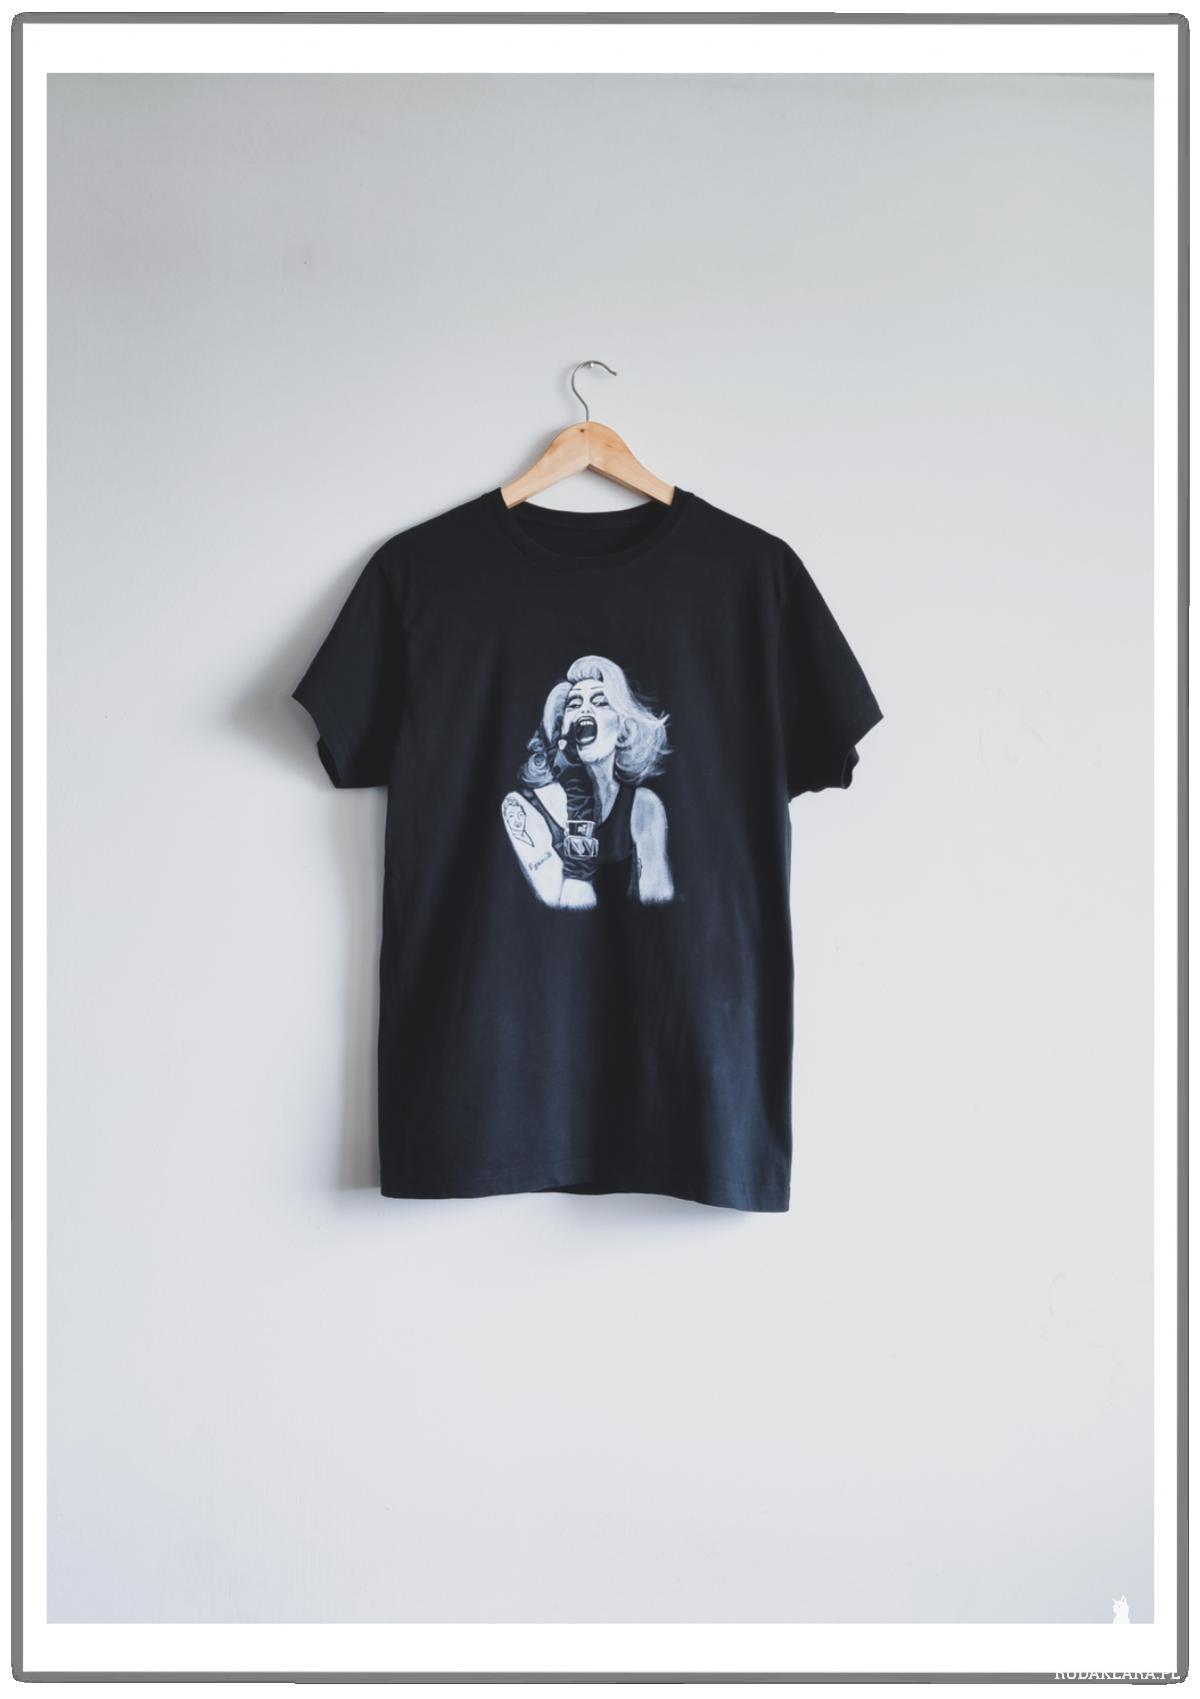 Ręcznie malowana koszulka Drag Queen - na zamówienie